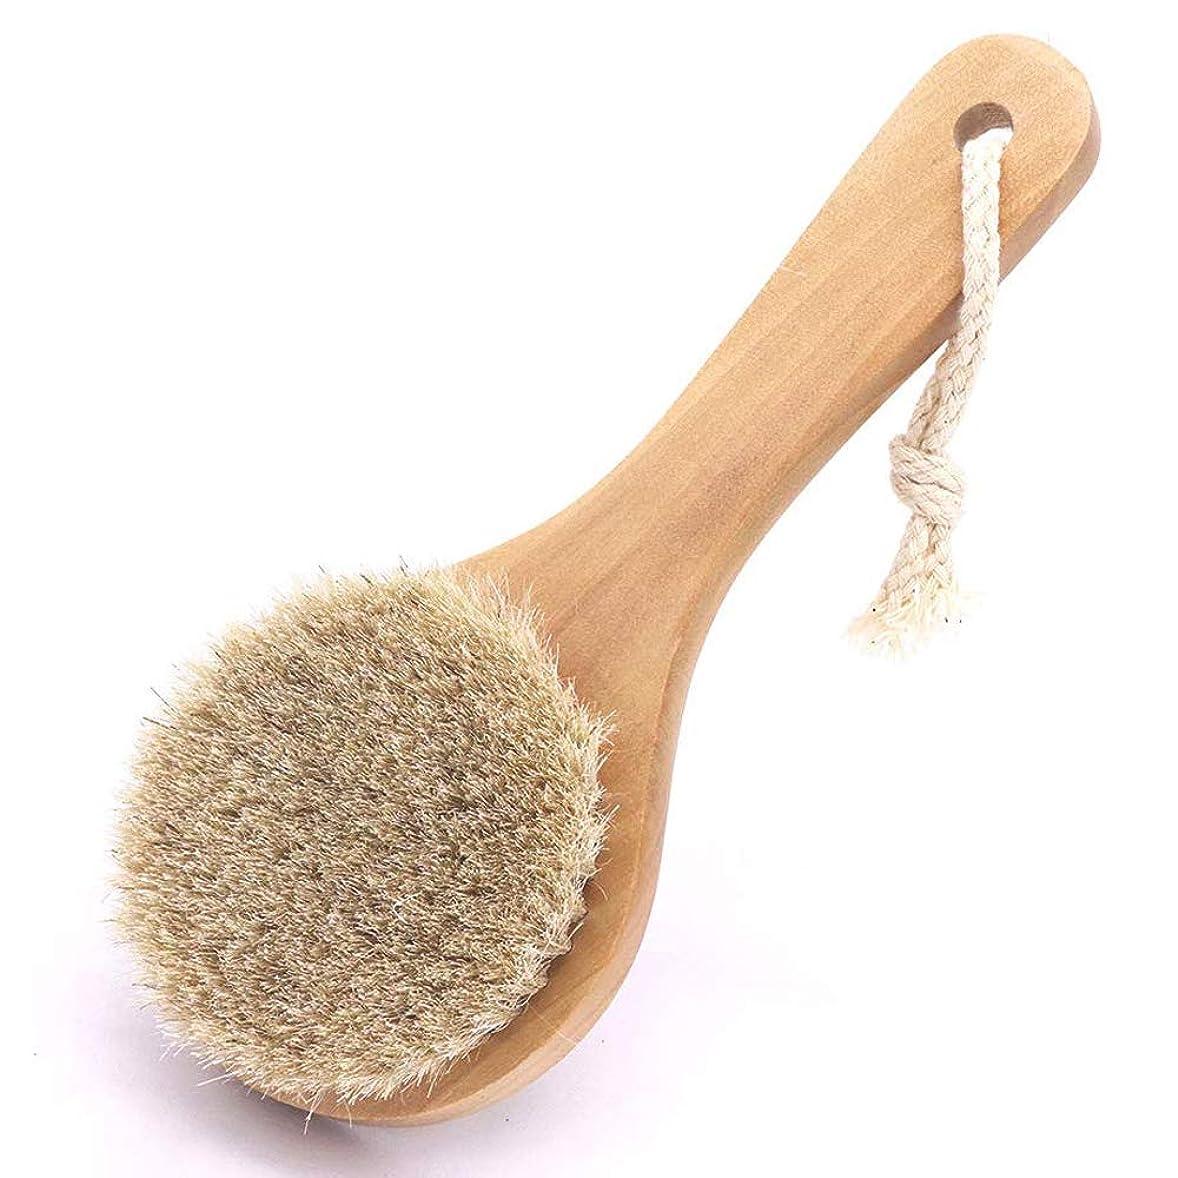 楽しい不幸不毛馬毛ボディブラシ 木製 短柄 足を洗う お風呂用 体洗い 女性 角質除去 柔らかい 美肌 馬毛ボディブラシ